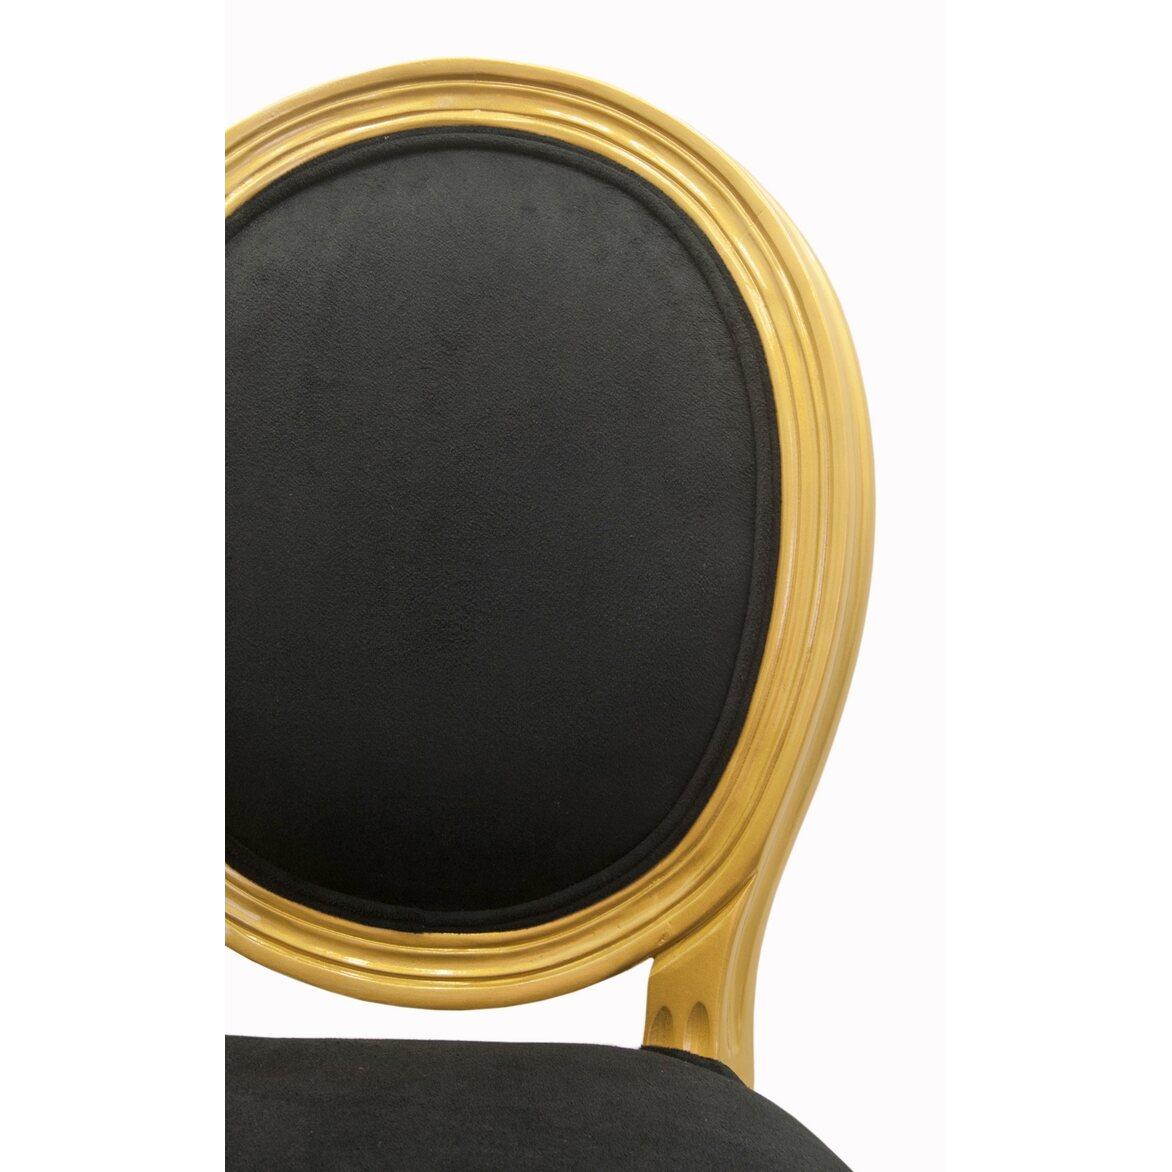 Стул Volker black gold 6 | Обеденные стулья Kingsby